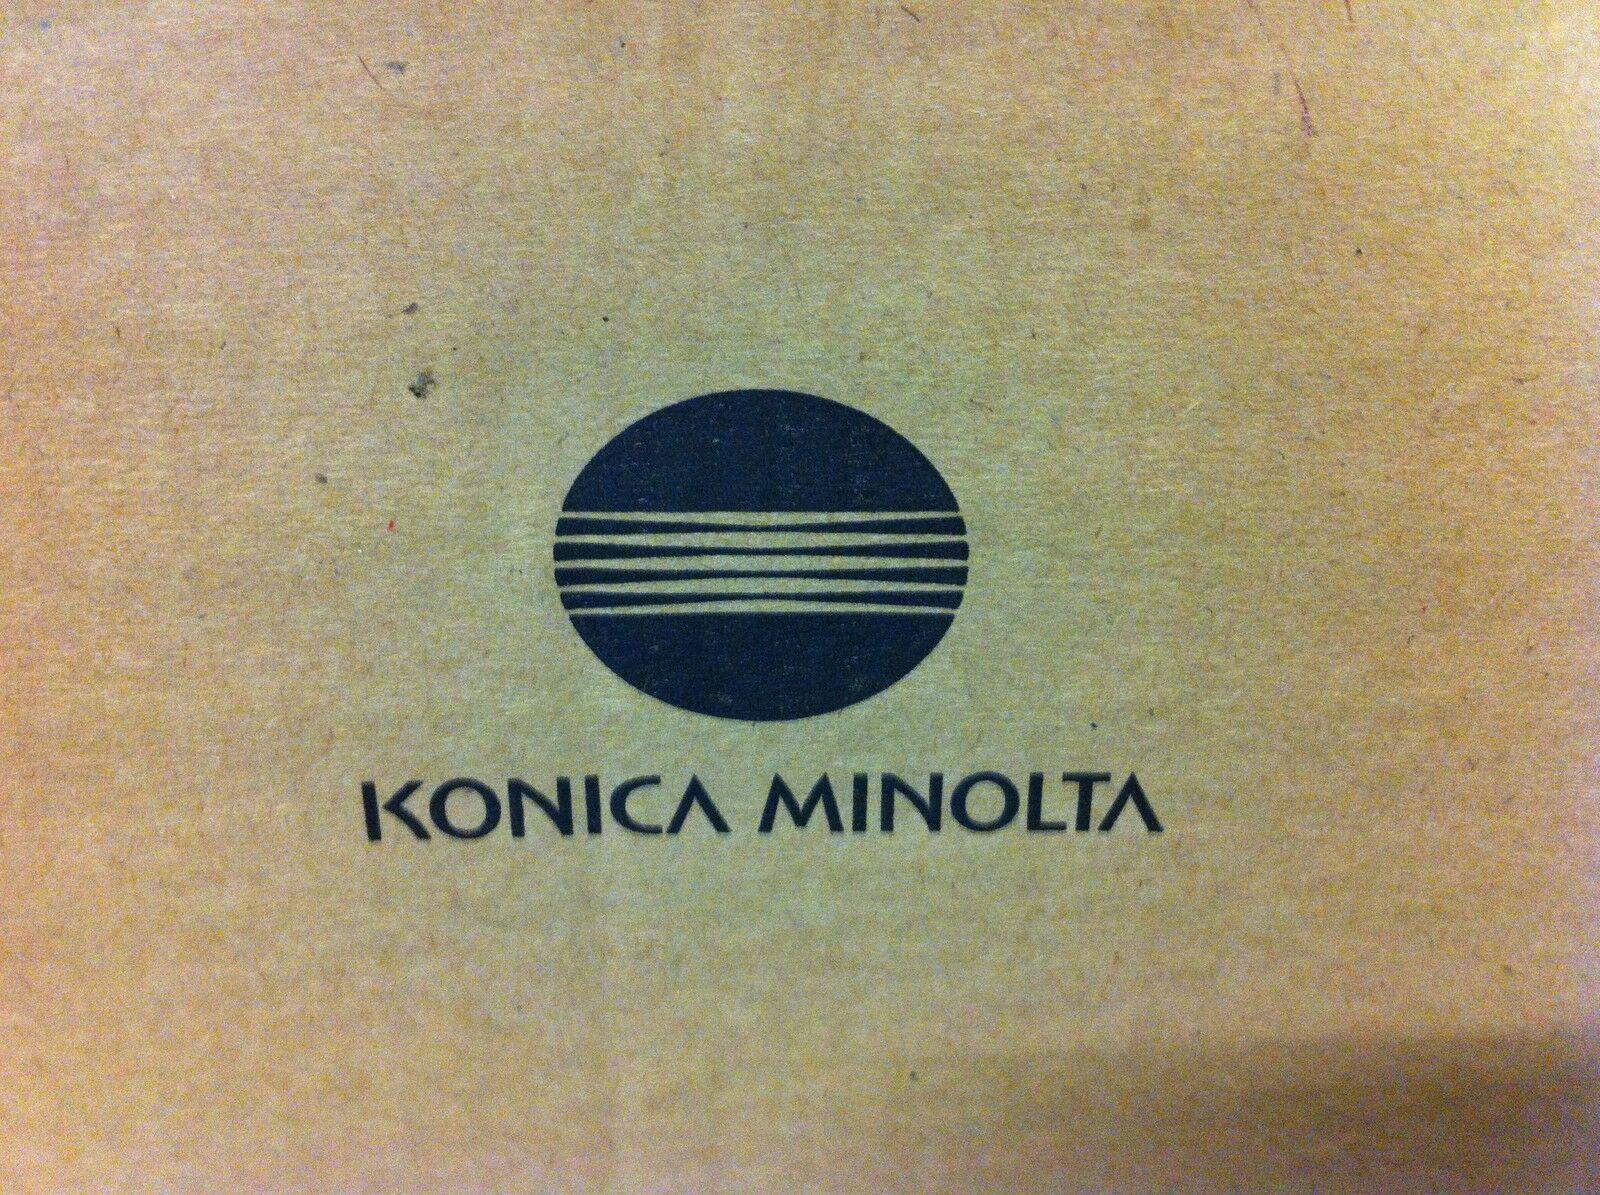 Marke: Konica | Herstellernummer: TC16 9967000465 1600F | Produktart: Original | Sie bieten auf eine neue original Konica Minolta TC16 9967000465 1600F Tonerkartusche schwarz A-Ware Original Konica Karton ist nicht geöffnet, nicht beklebt oder beschriftet,